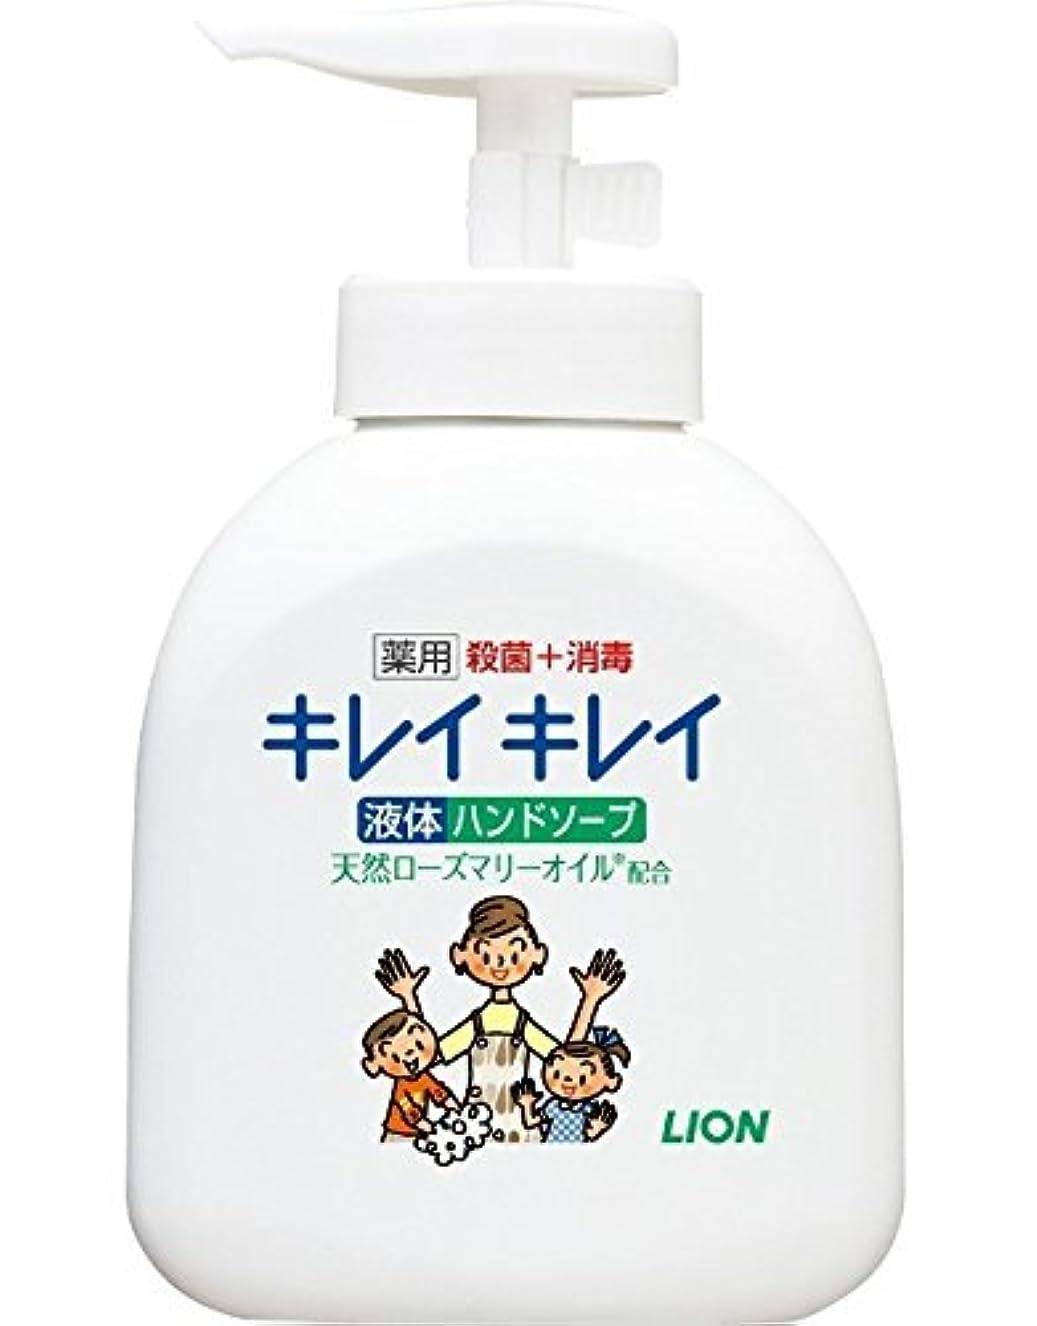 おとなしい必要性あたり【ライオン】キレイキレイ薬用液体ハンドソープ 本体ポンプ 250ml ×30個セット